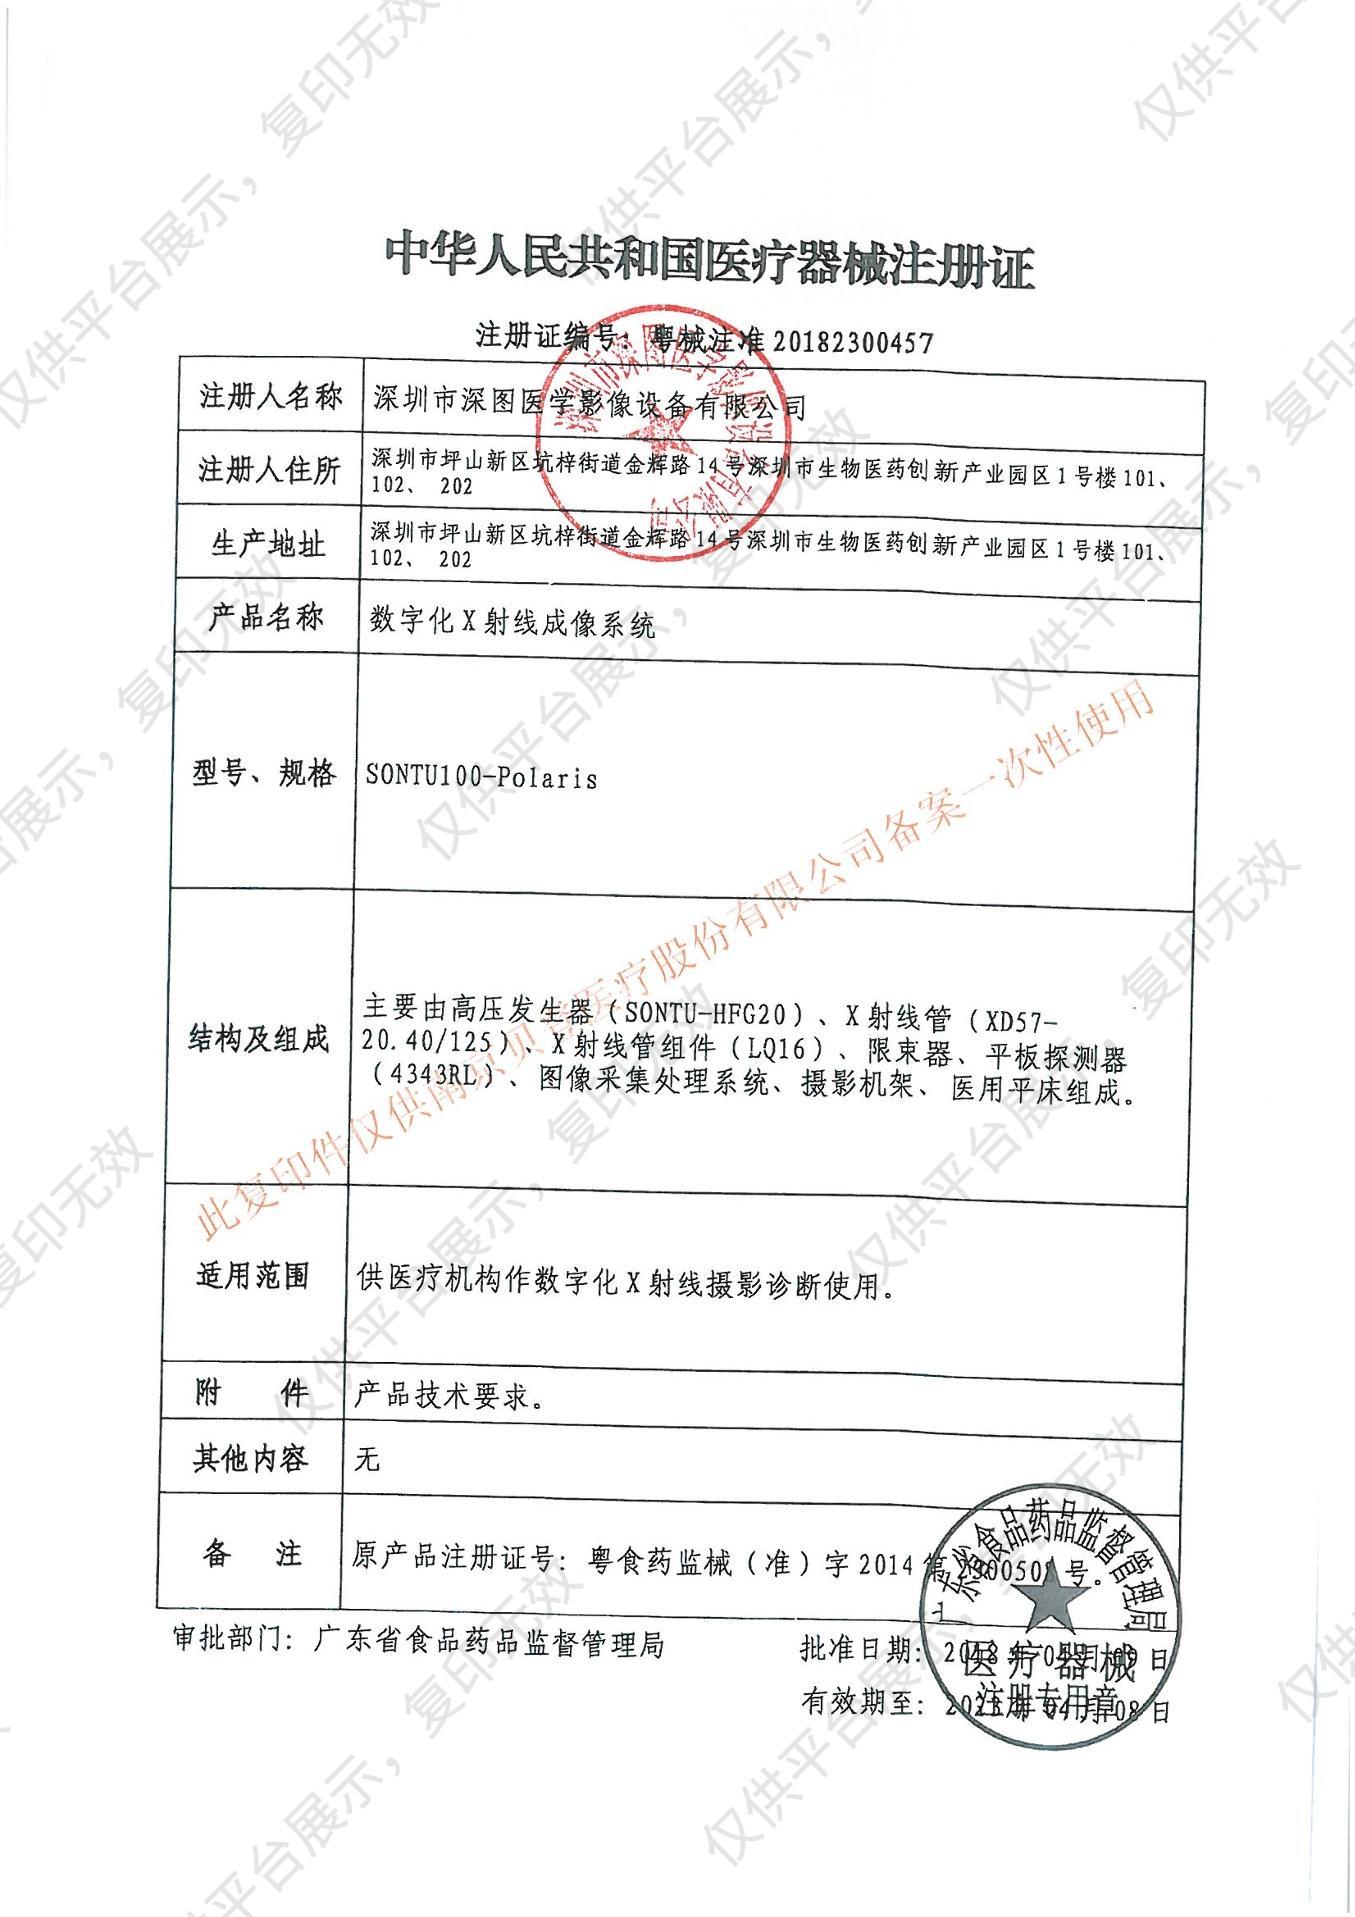 深图数字化X射线成像系统SONTU100-Polaris-U直臂 32K注册证